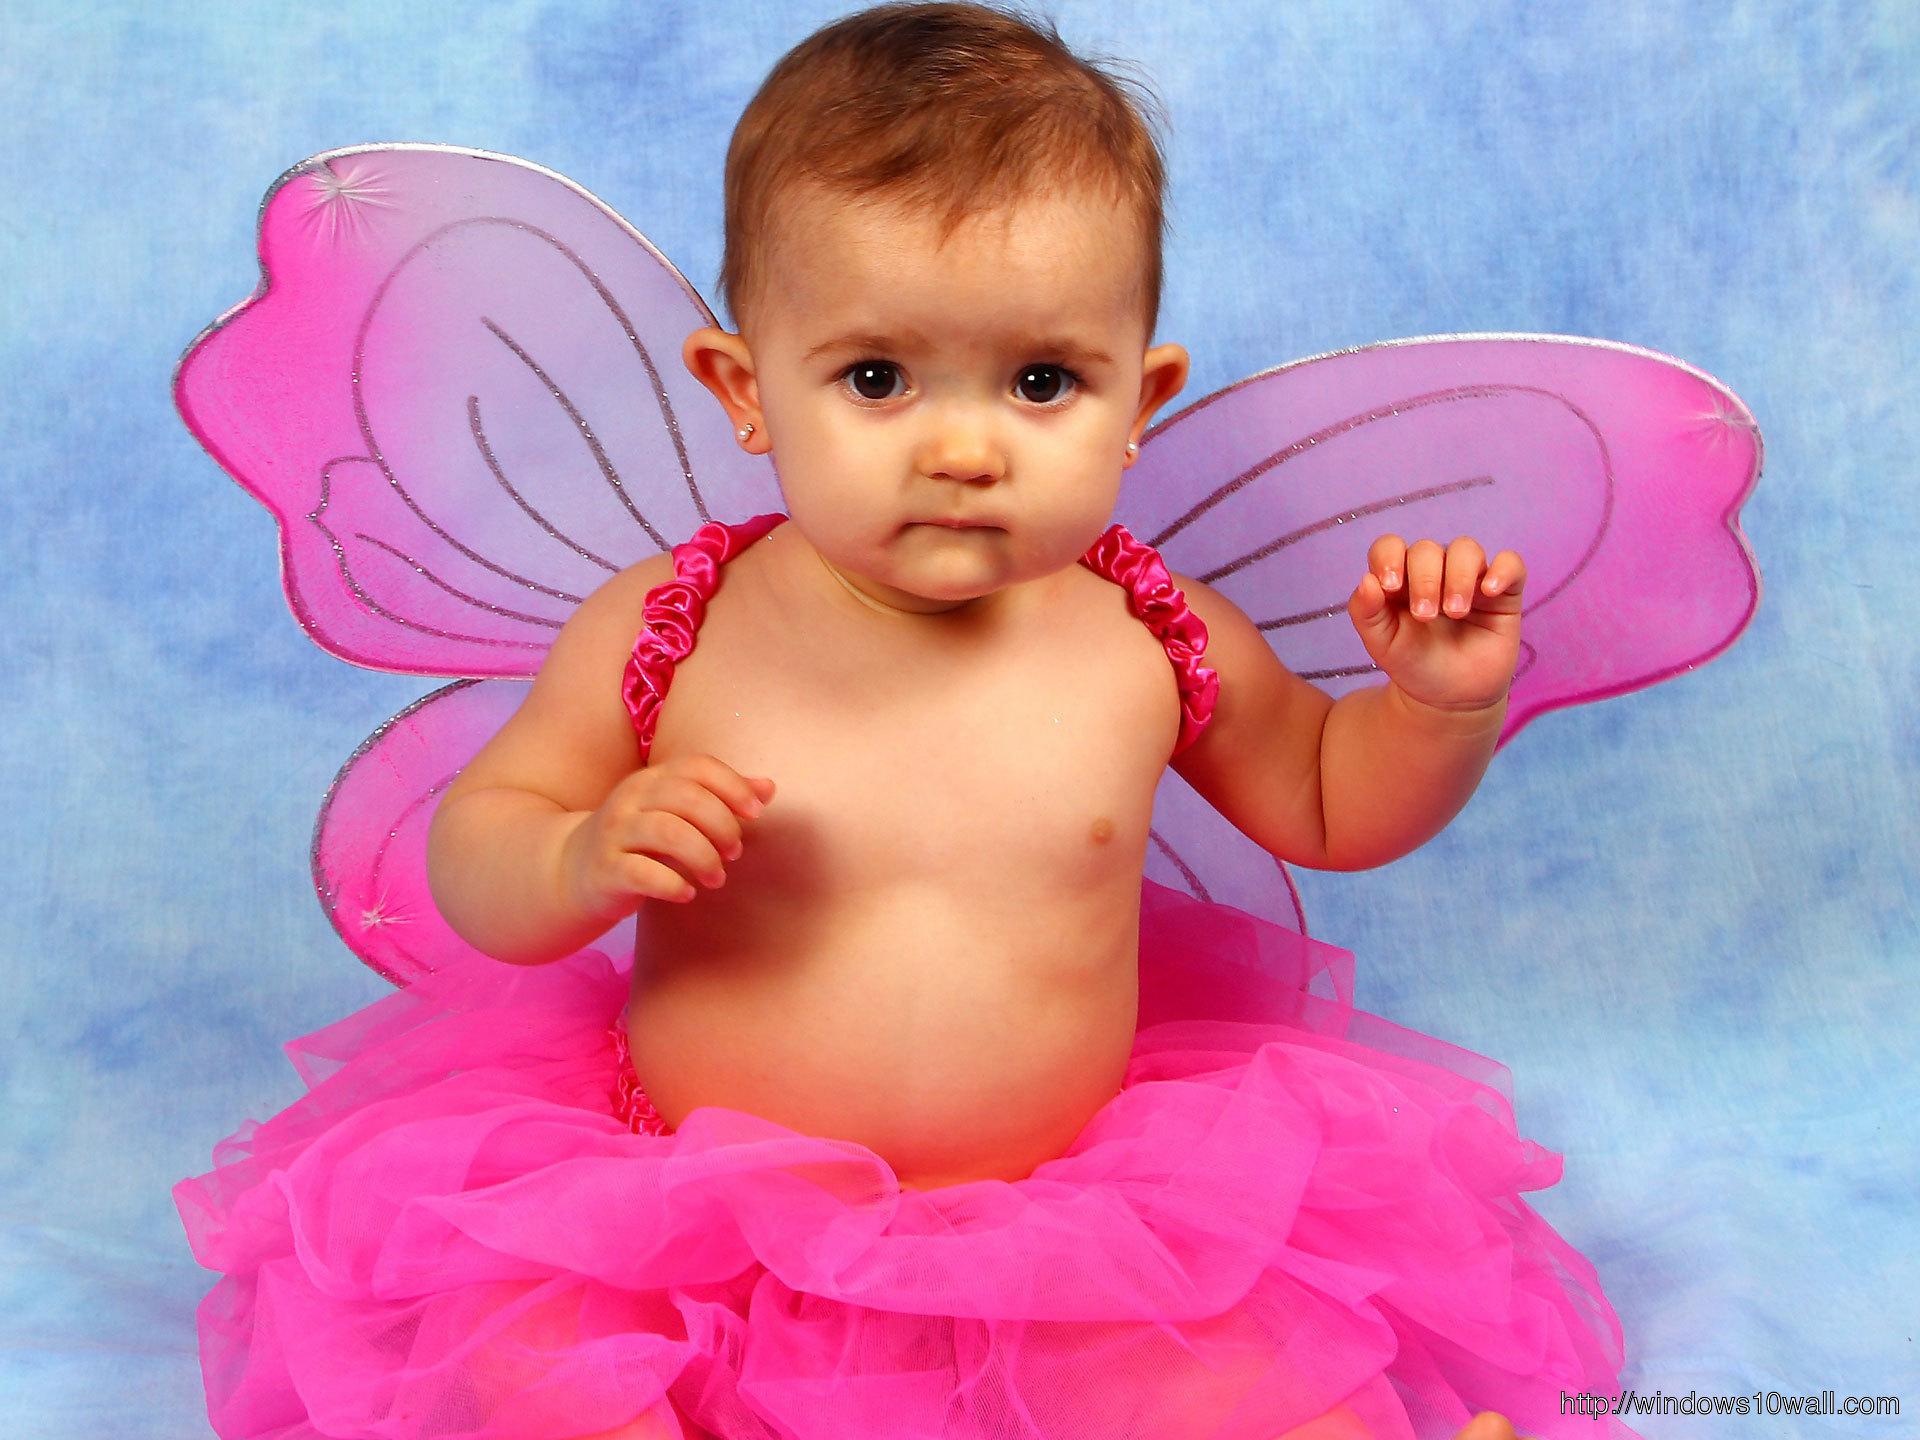 Cute Baby Girl in fancy dress Wallpapers